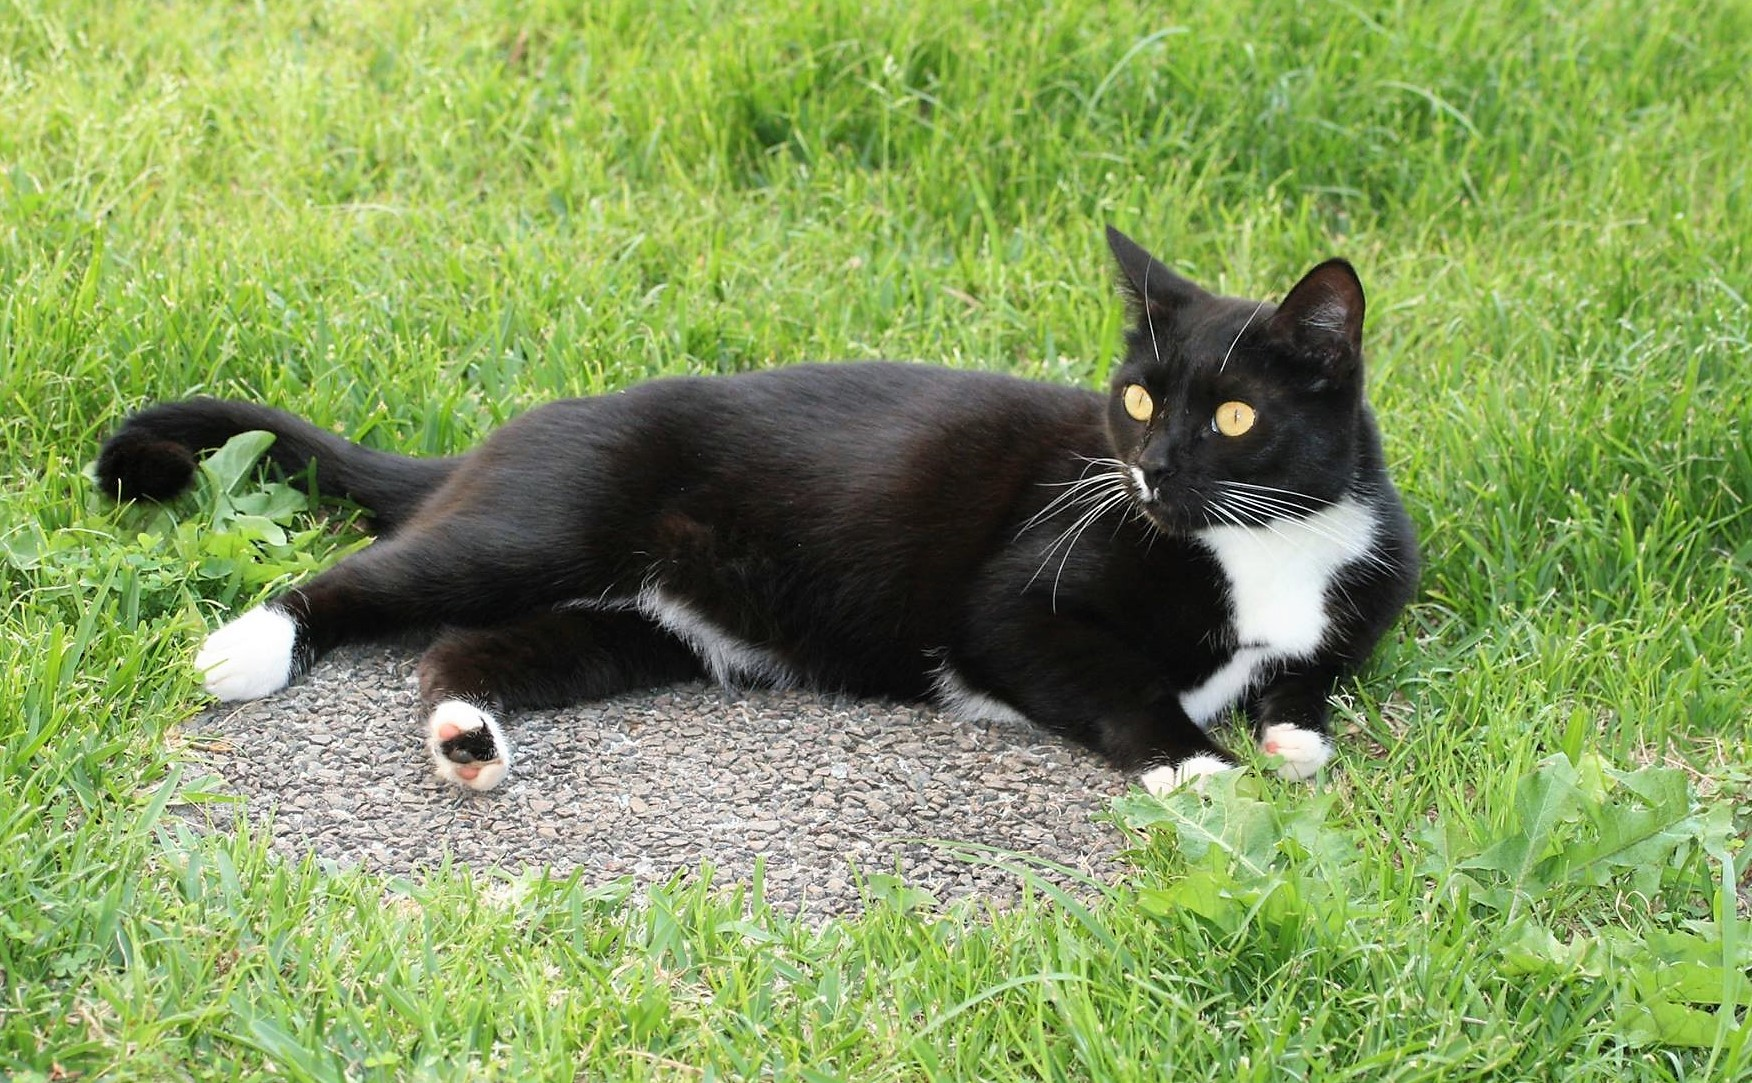 Vagabond cats in nature